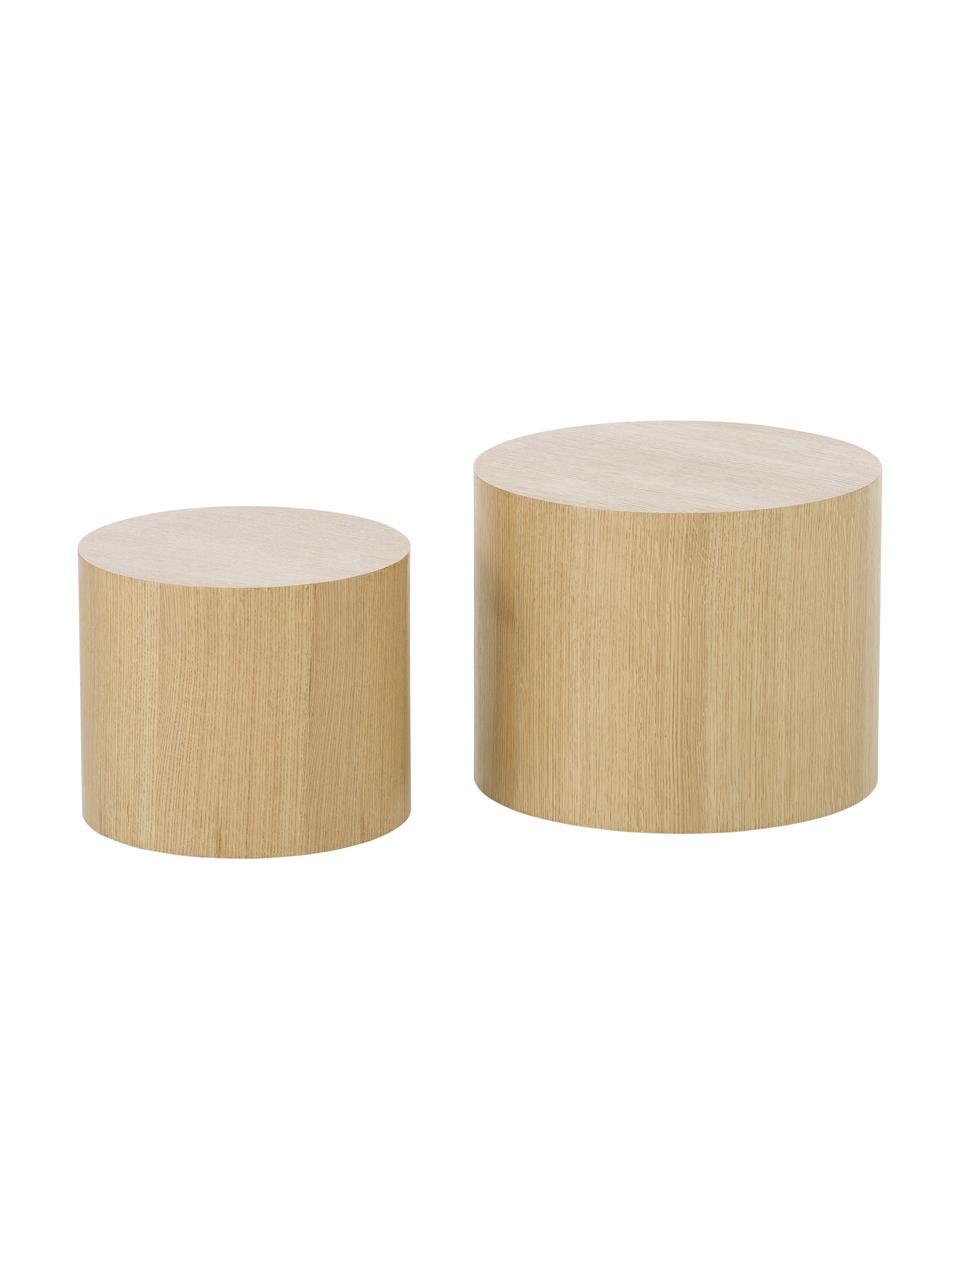 Komplet stolików pomocniczych z drewna Dan, 2 elem., Płyta pilśniowa (MDF), fornir z drewna dębowego, Jasny brązowy, Komplet z różnymi rozmiarami